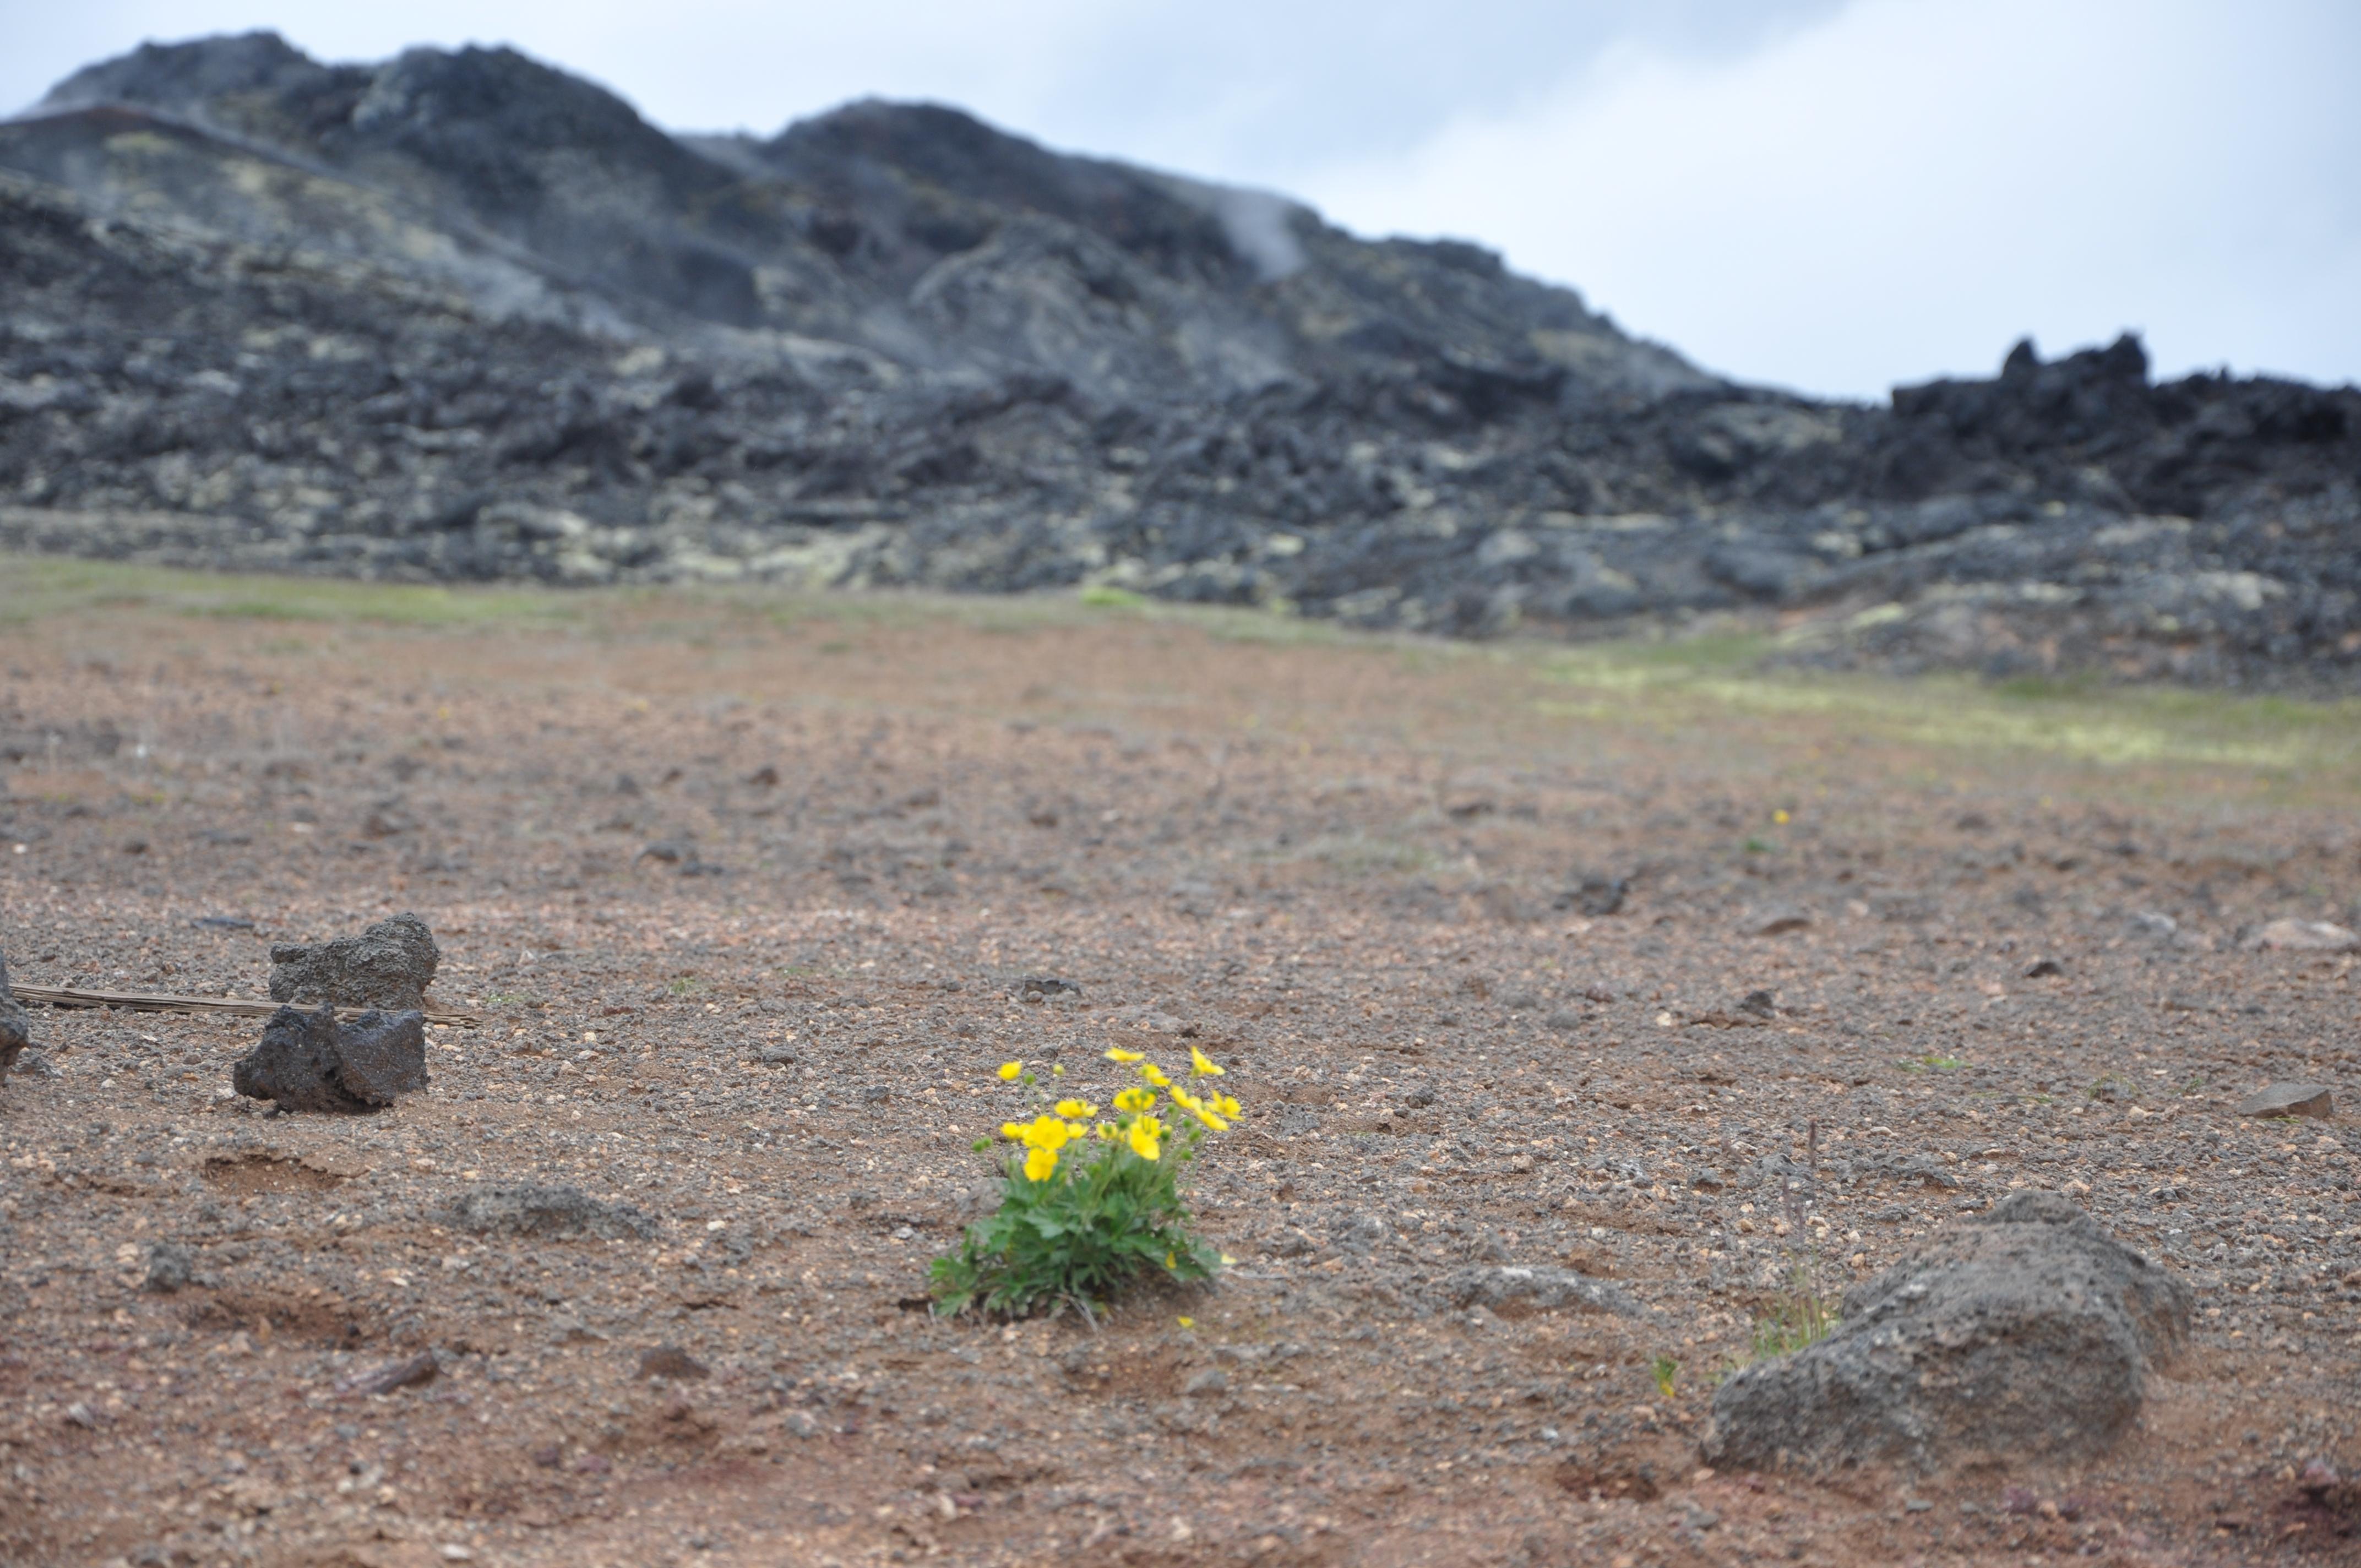 Ensam blomma i syrefattig miljö